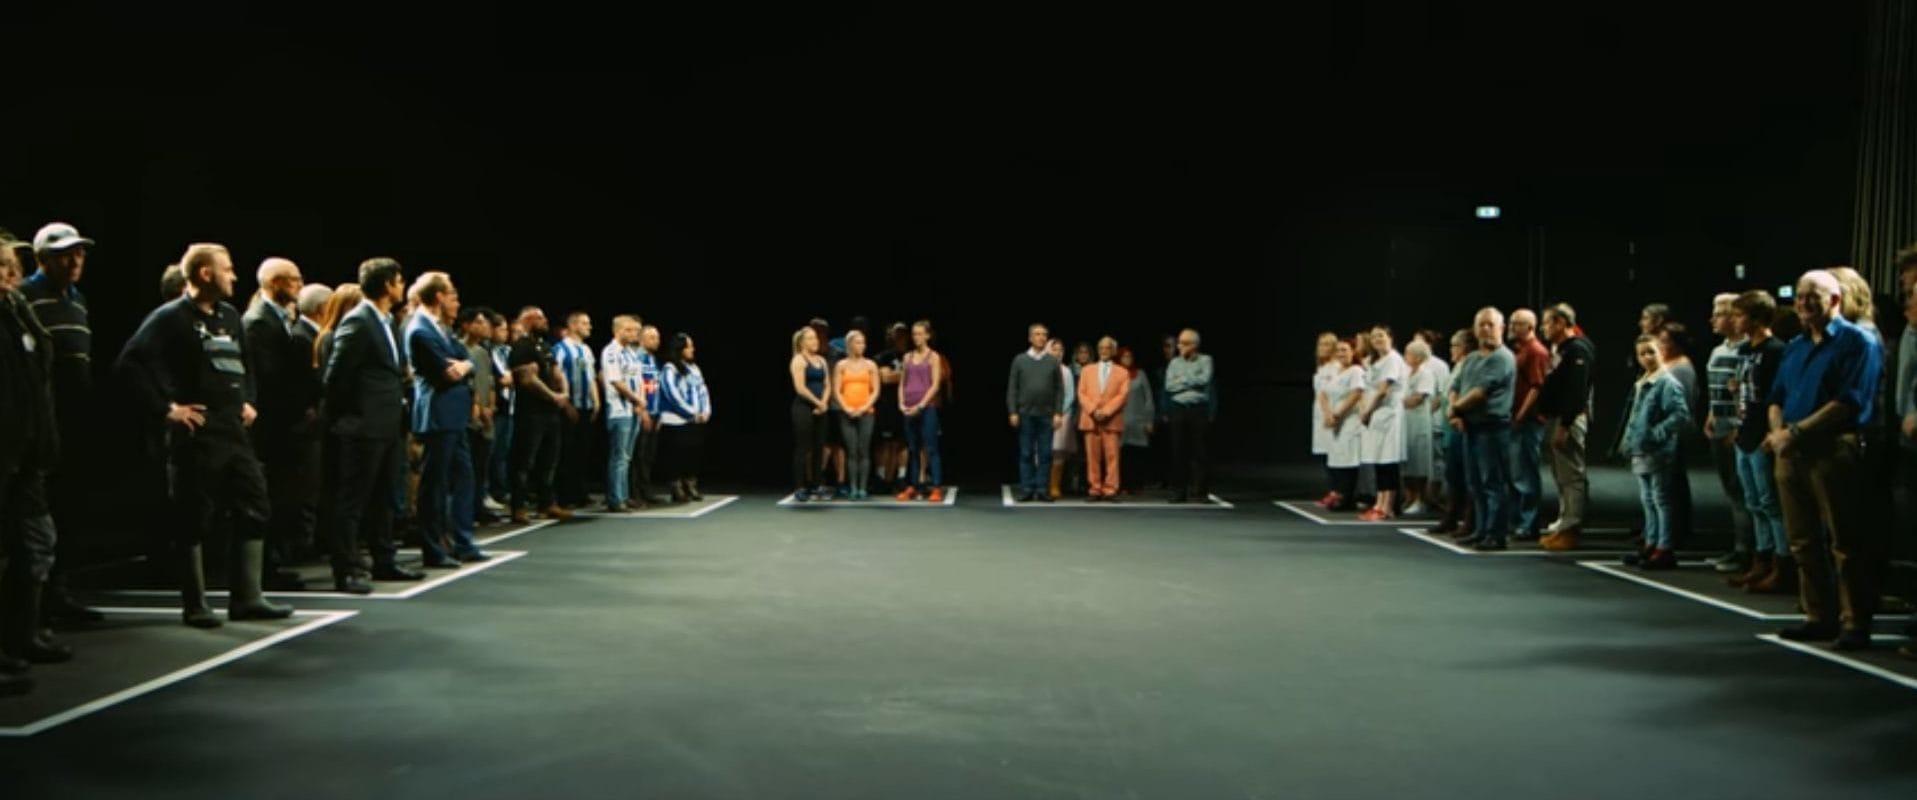 Participez à un clip contre les préjugés tourné dimanche à Strasbourg